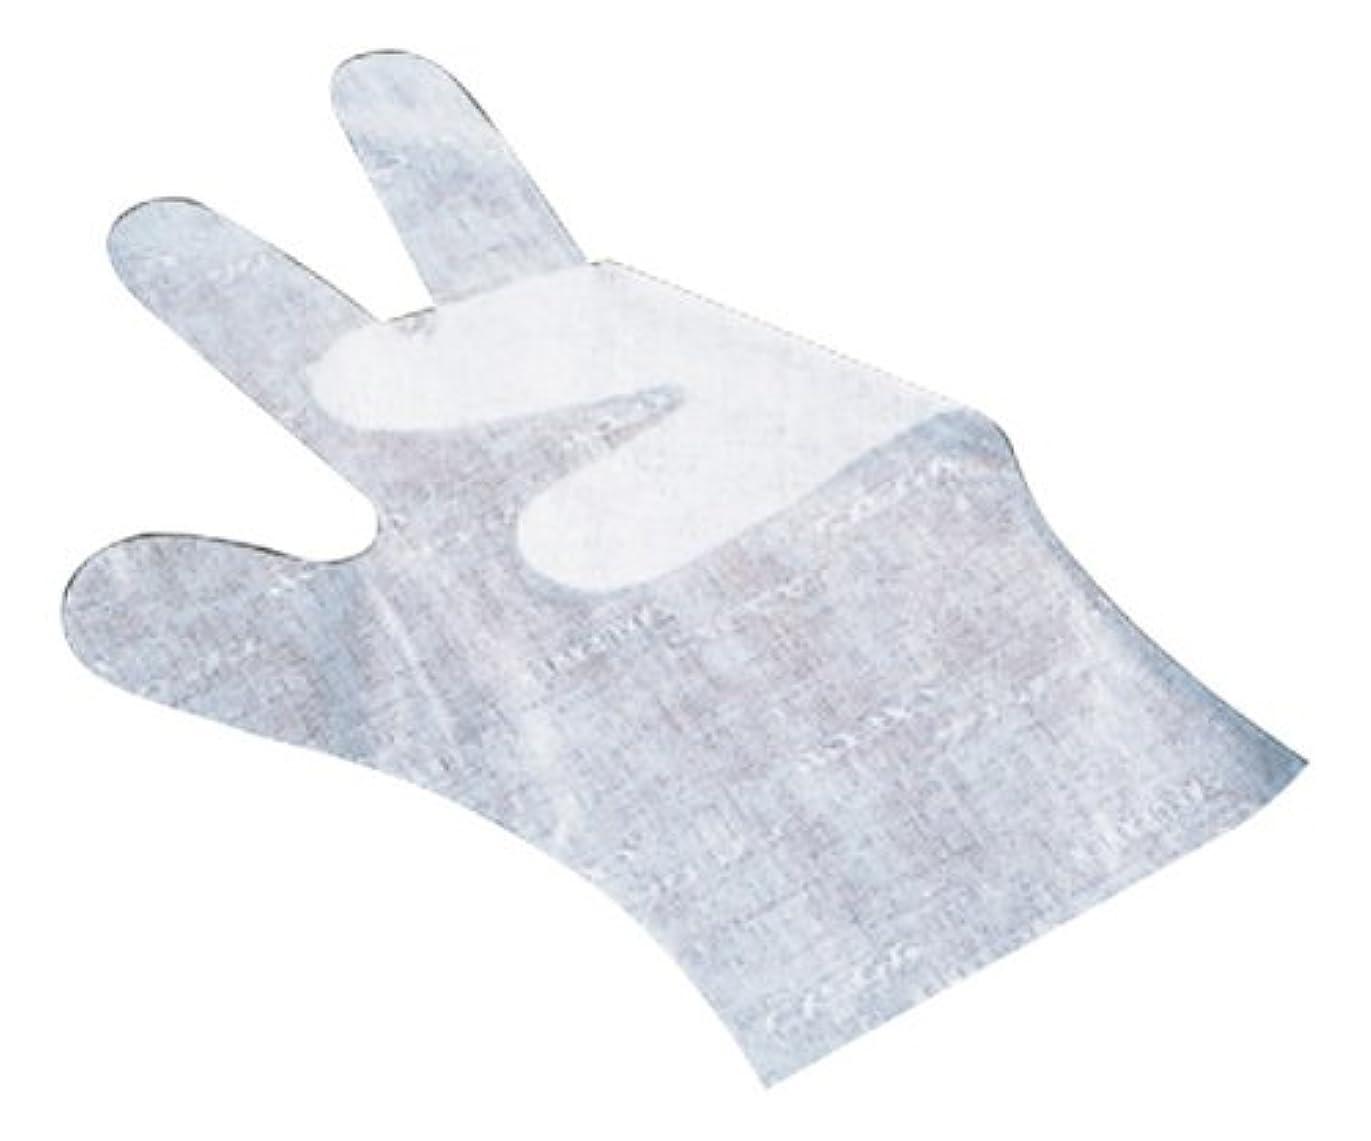 暴君泣き叫ぶメキシコサクラメン手袋 デラックス(100枚入)L ホワイト 35μ